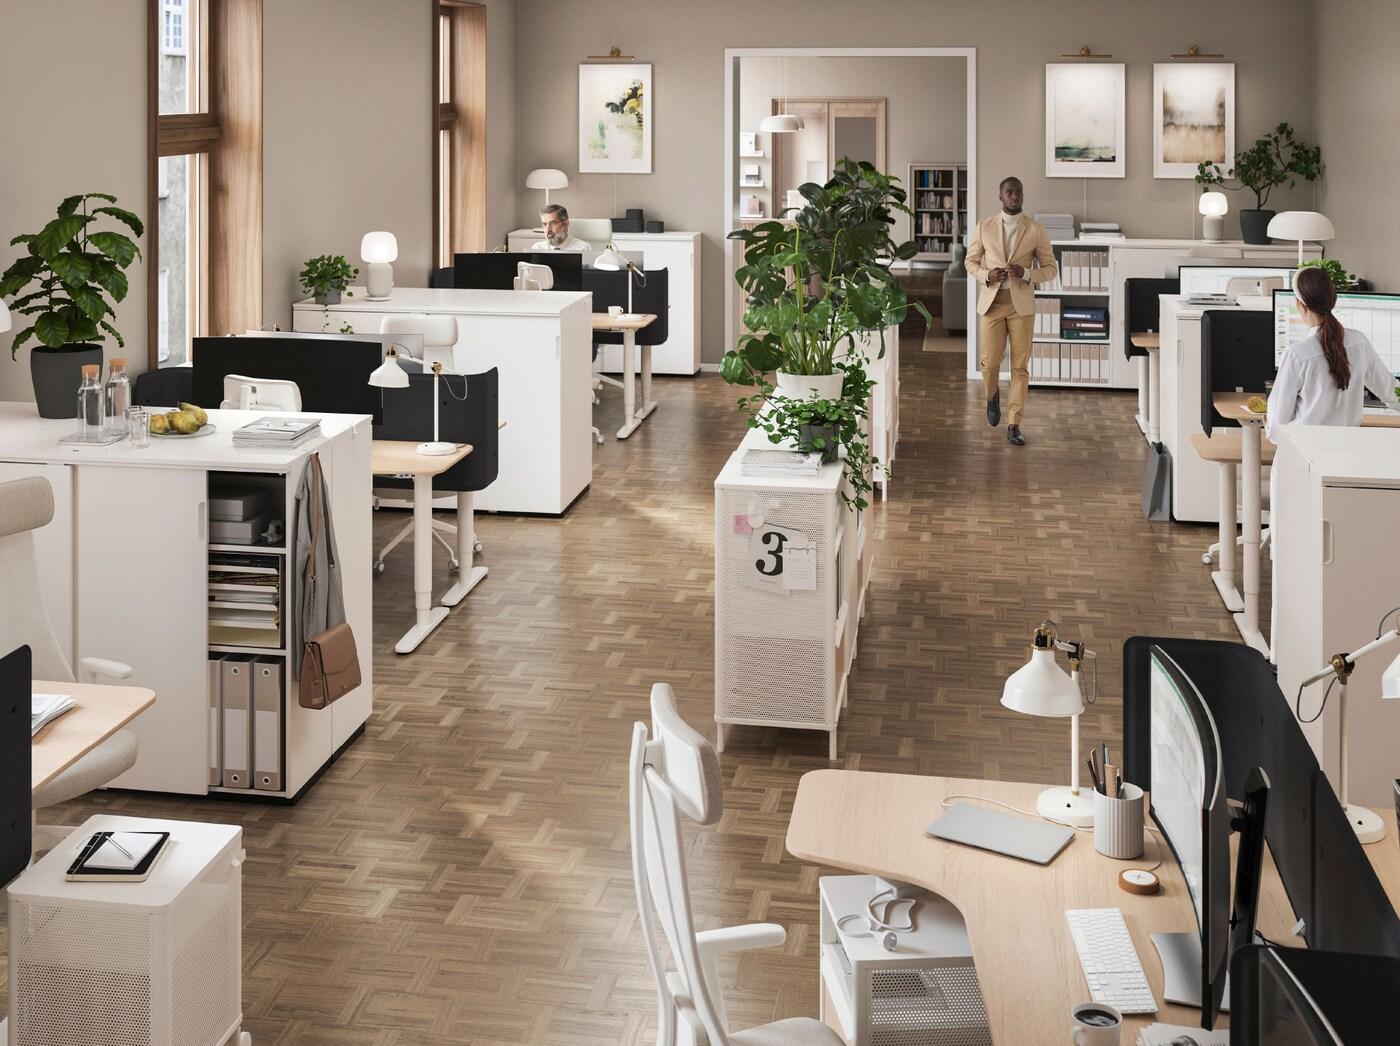 Ein offen gestalteter Bürobereich mit einem zentralen Regal, das mit Pflanzen geschmückt ist. Außerdem befinden sich hier gut beleuchtete Arbeitsplätze.